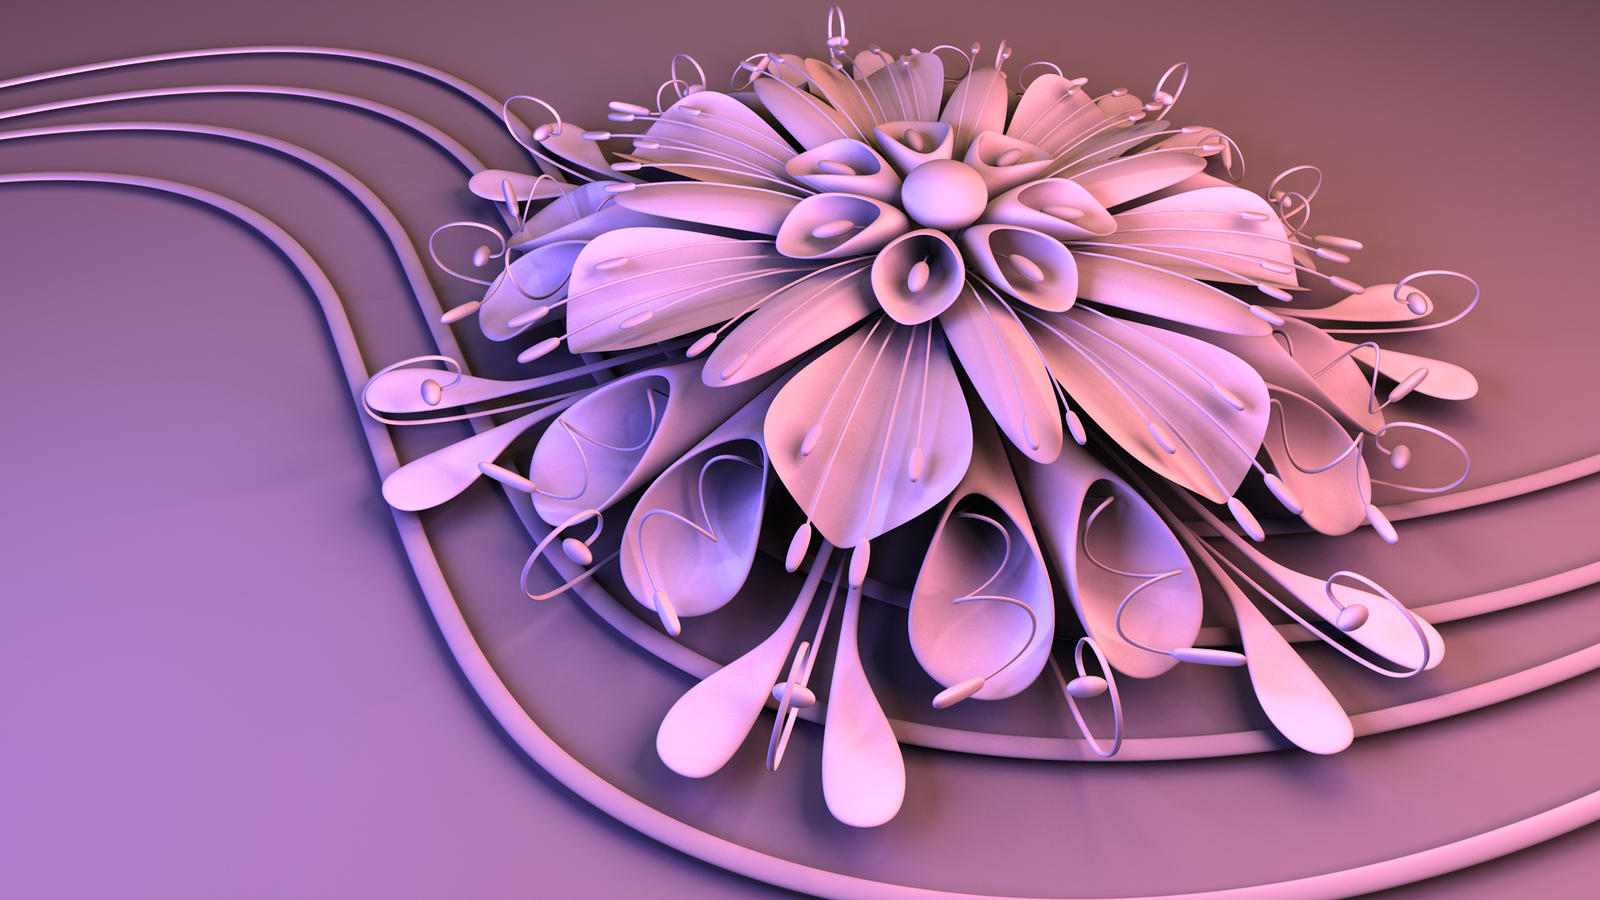 Isa Flower by TylerXy